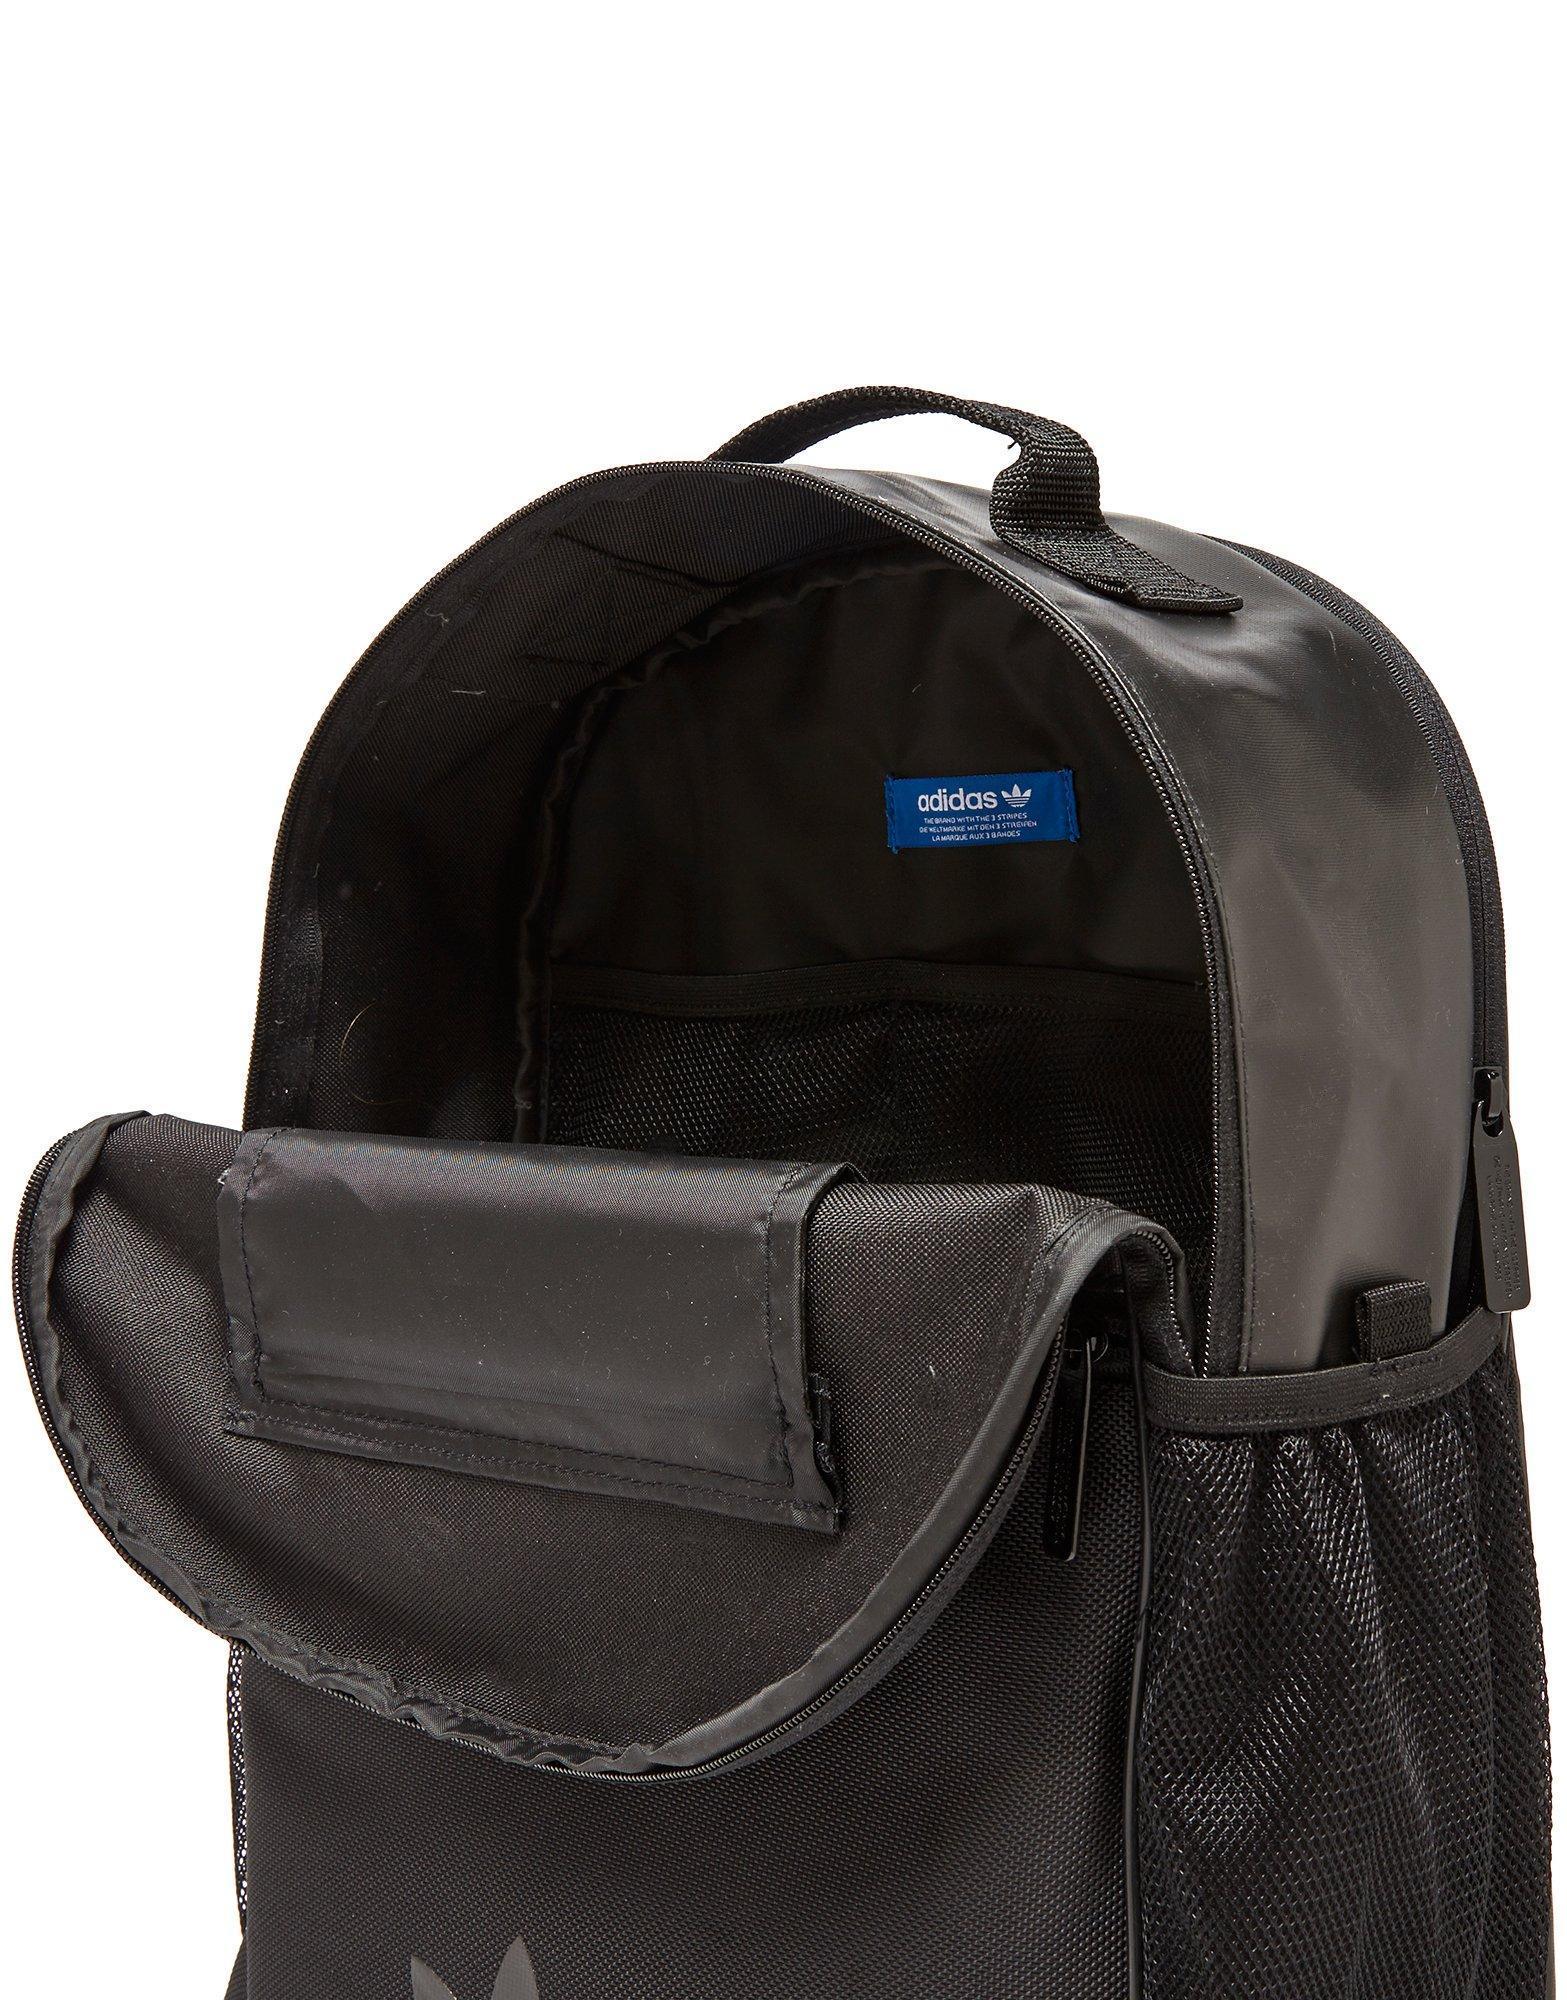 dc65af10a2 adidas Originals Essential Sport Mesh Backpack in Black for Men - Lyst